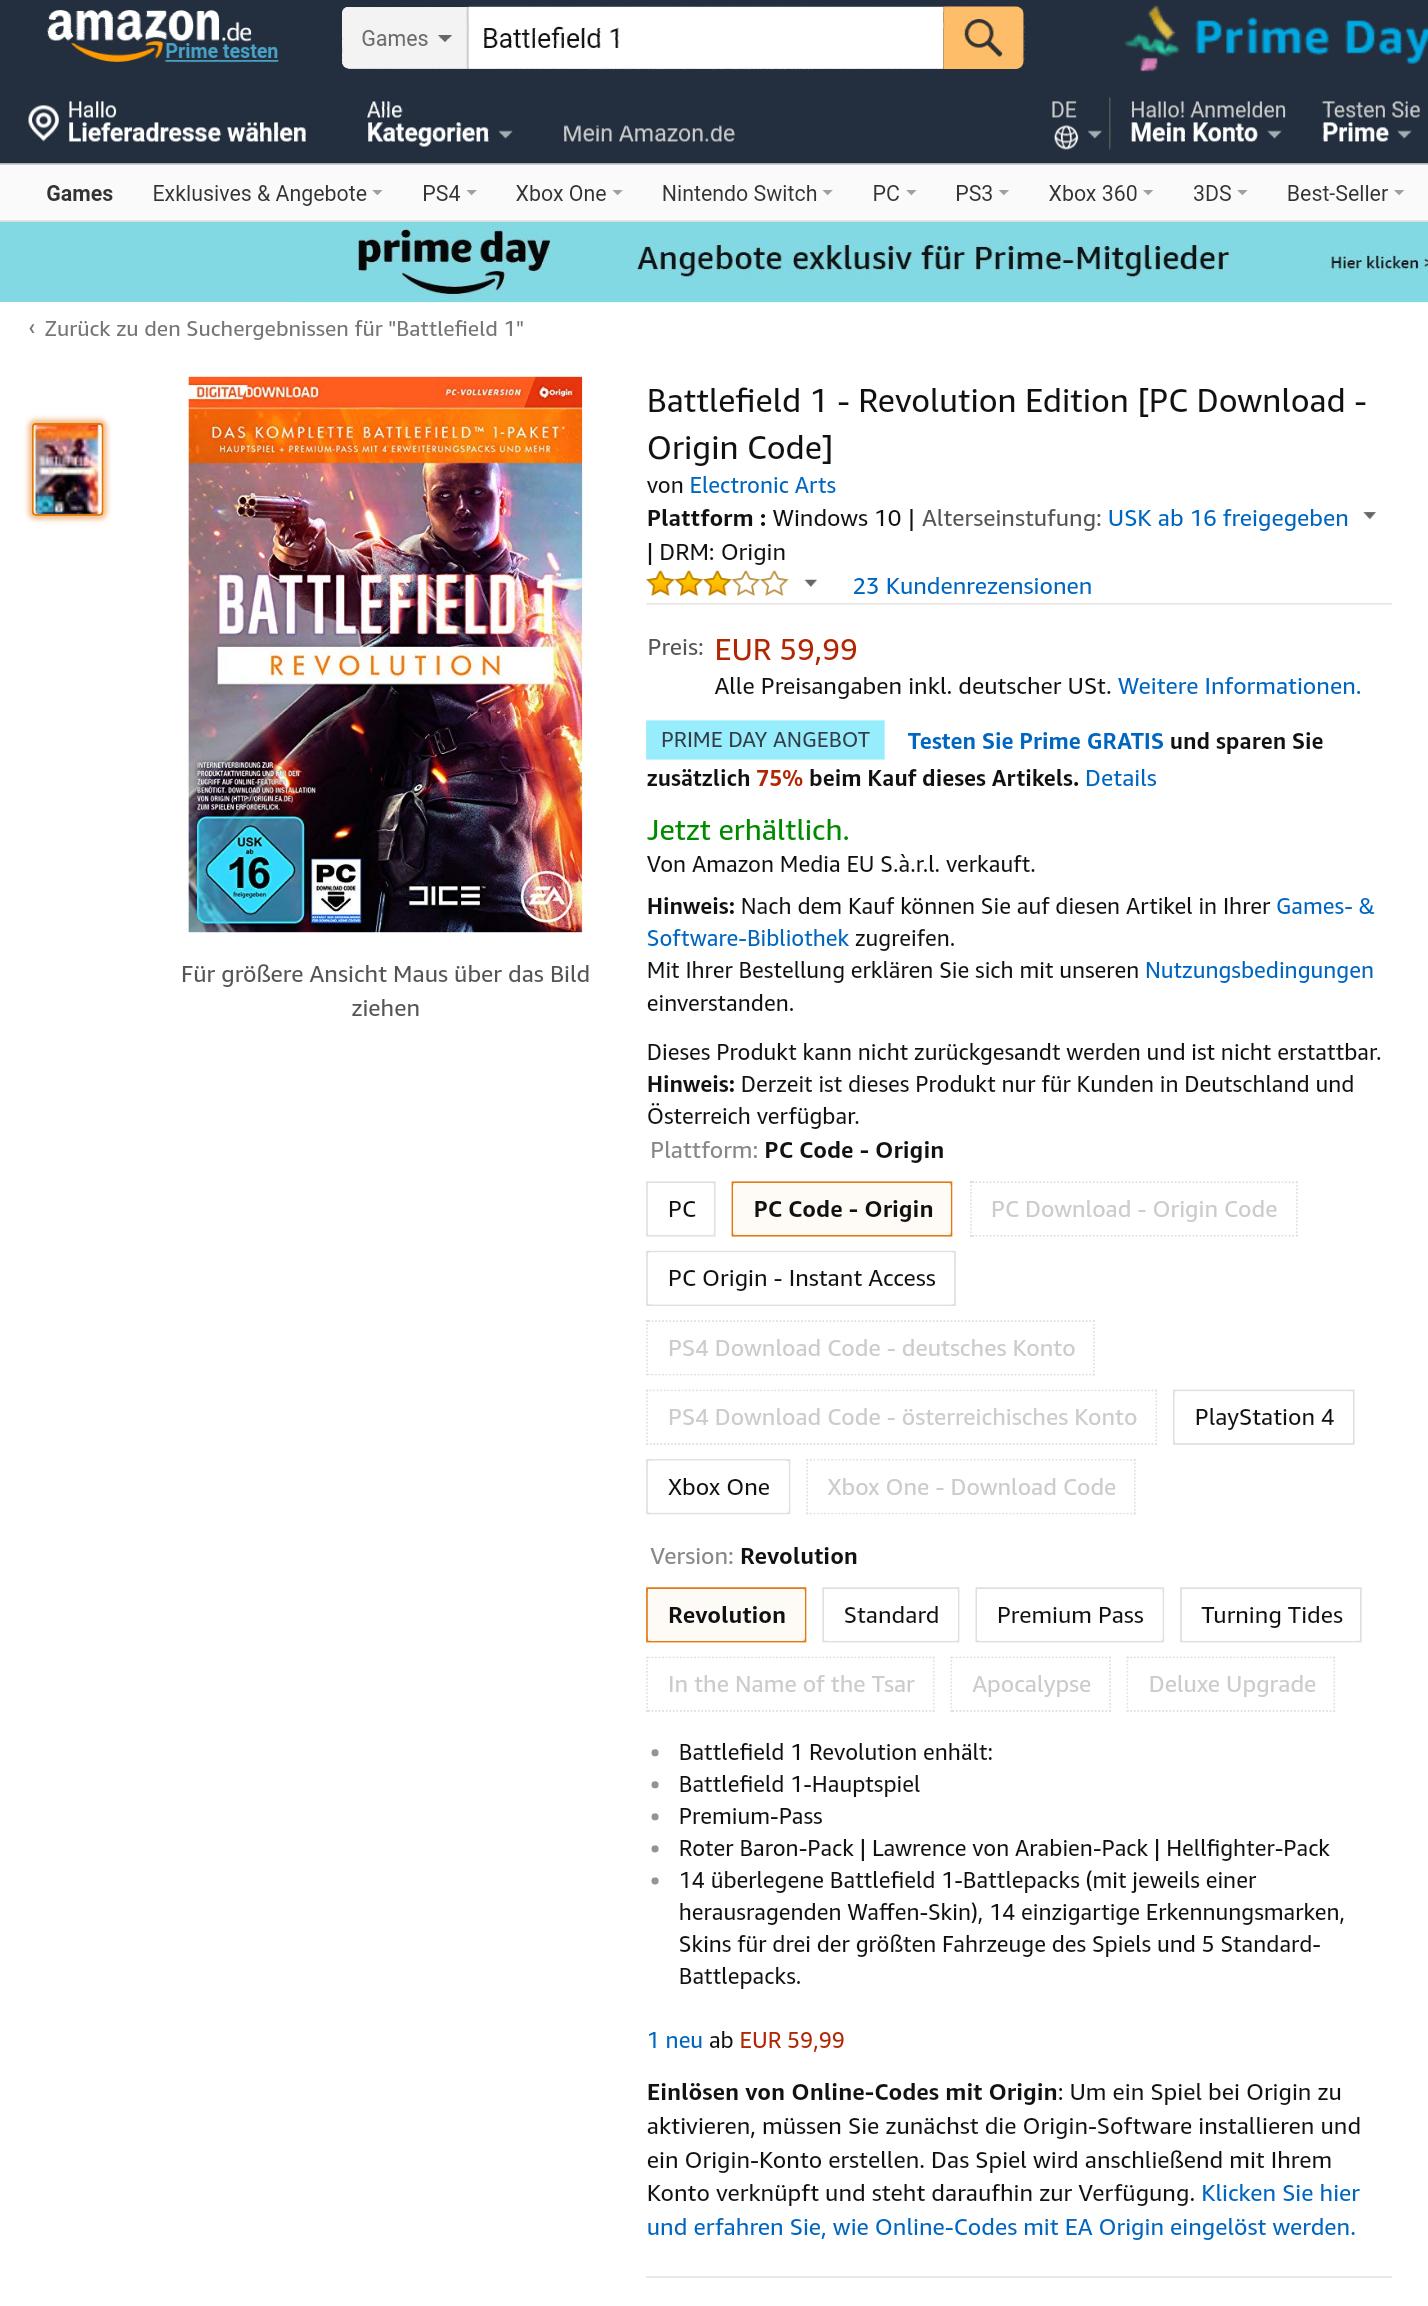 Battlefield 1 Revolution (PC Download Origin Code) - Amazon Prime